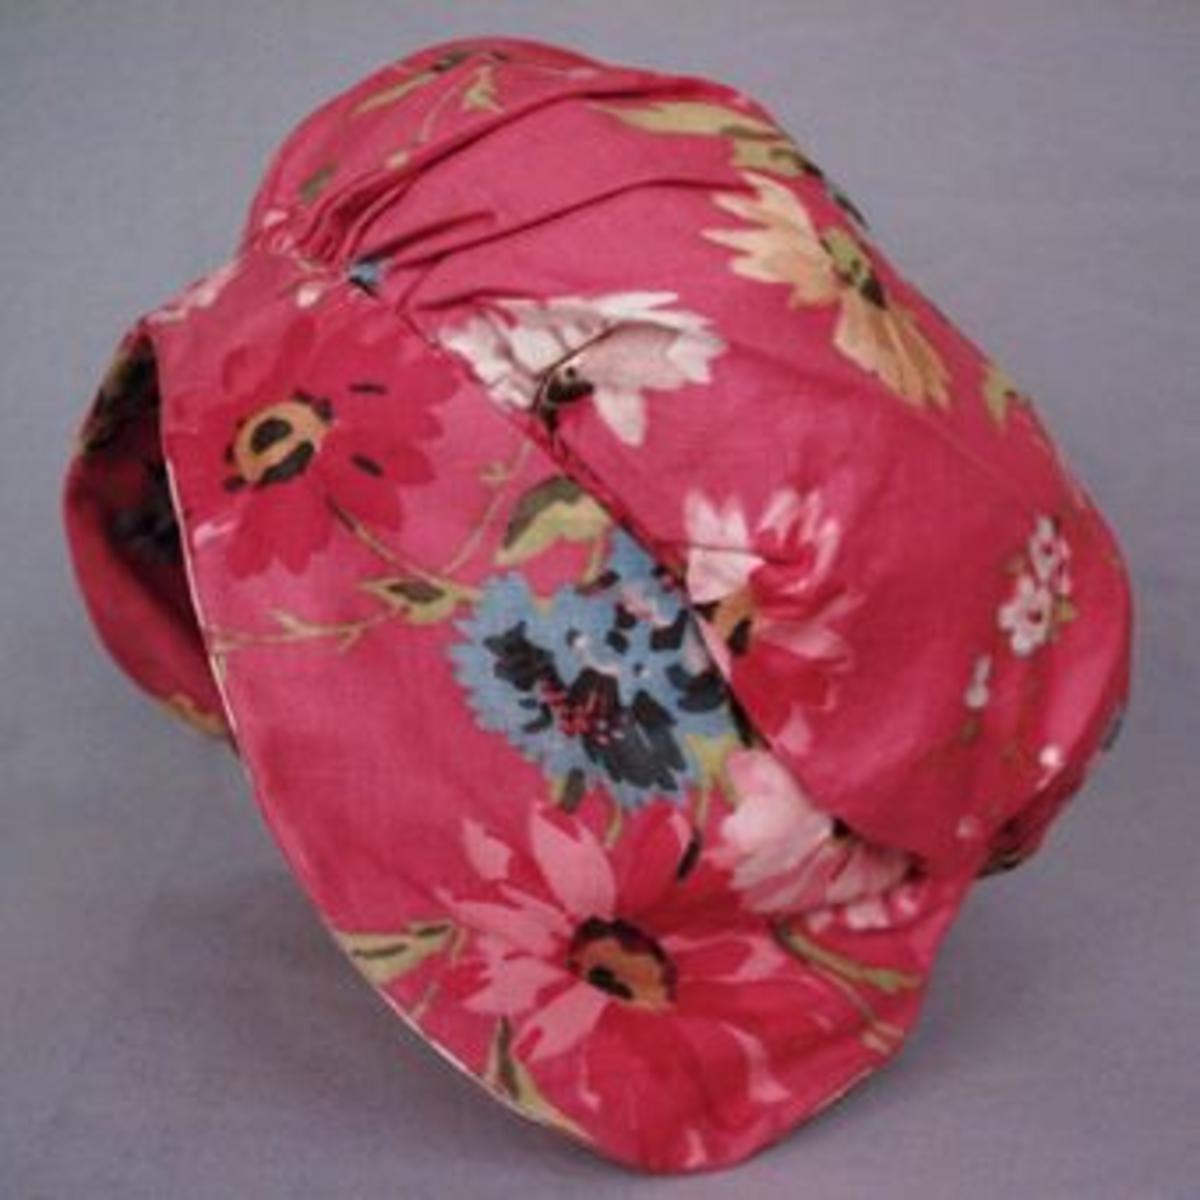 Mjuk mössa i bomullstyg till Sunnerbodräkten. Tyget är vävt i satinbindning och har rosa, röda, gula, vita och blå blommor på rosa botten.